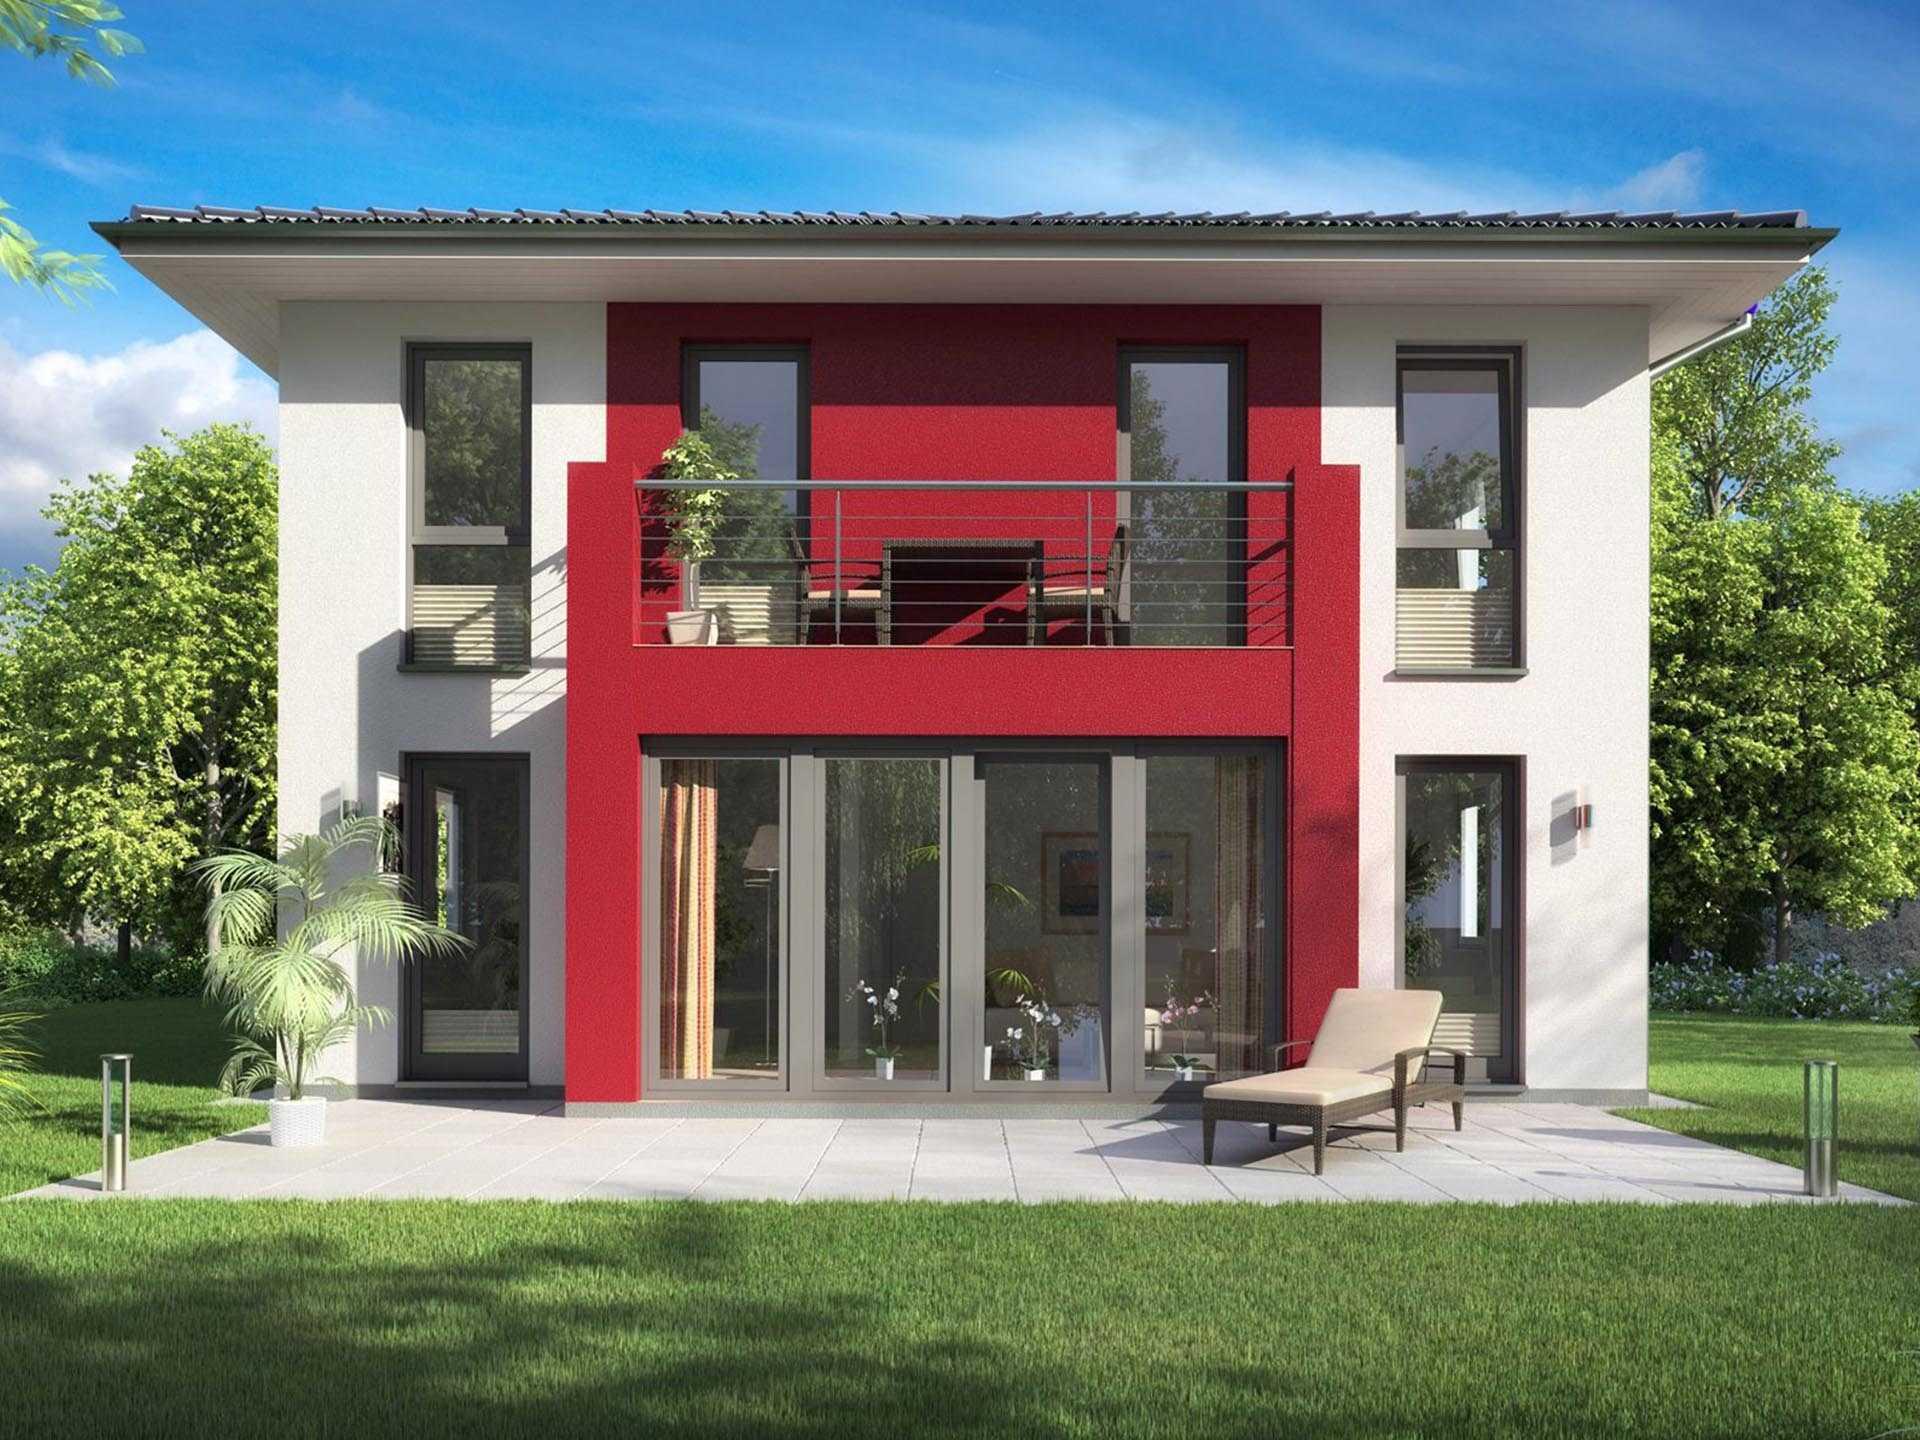 Rostow Bau Stadtvilla